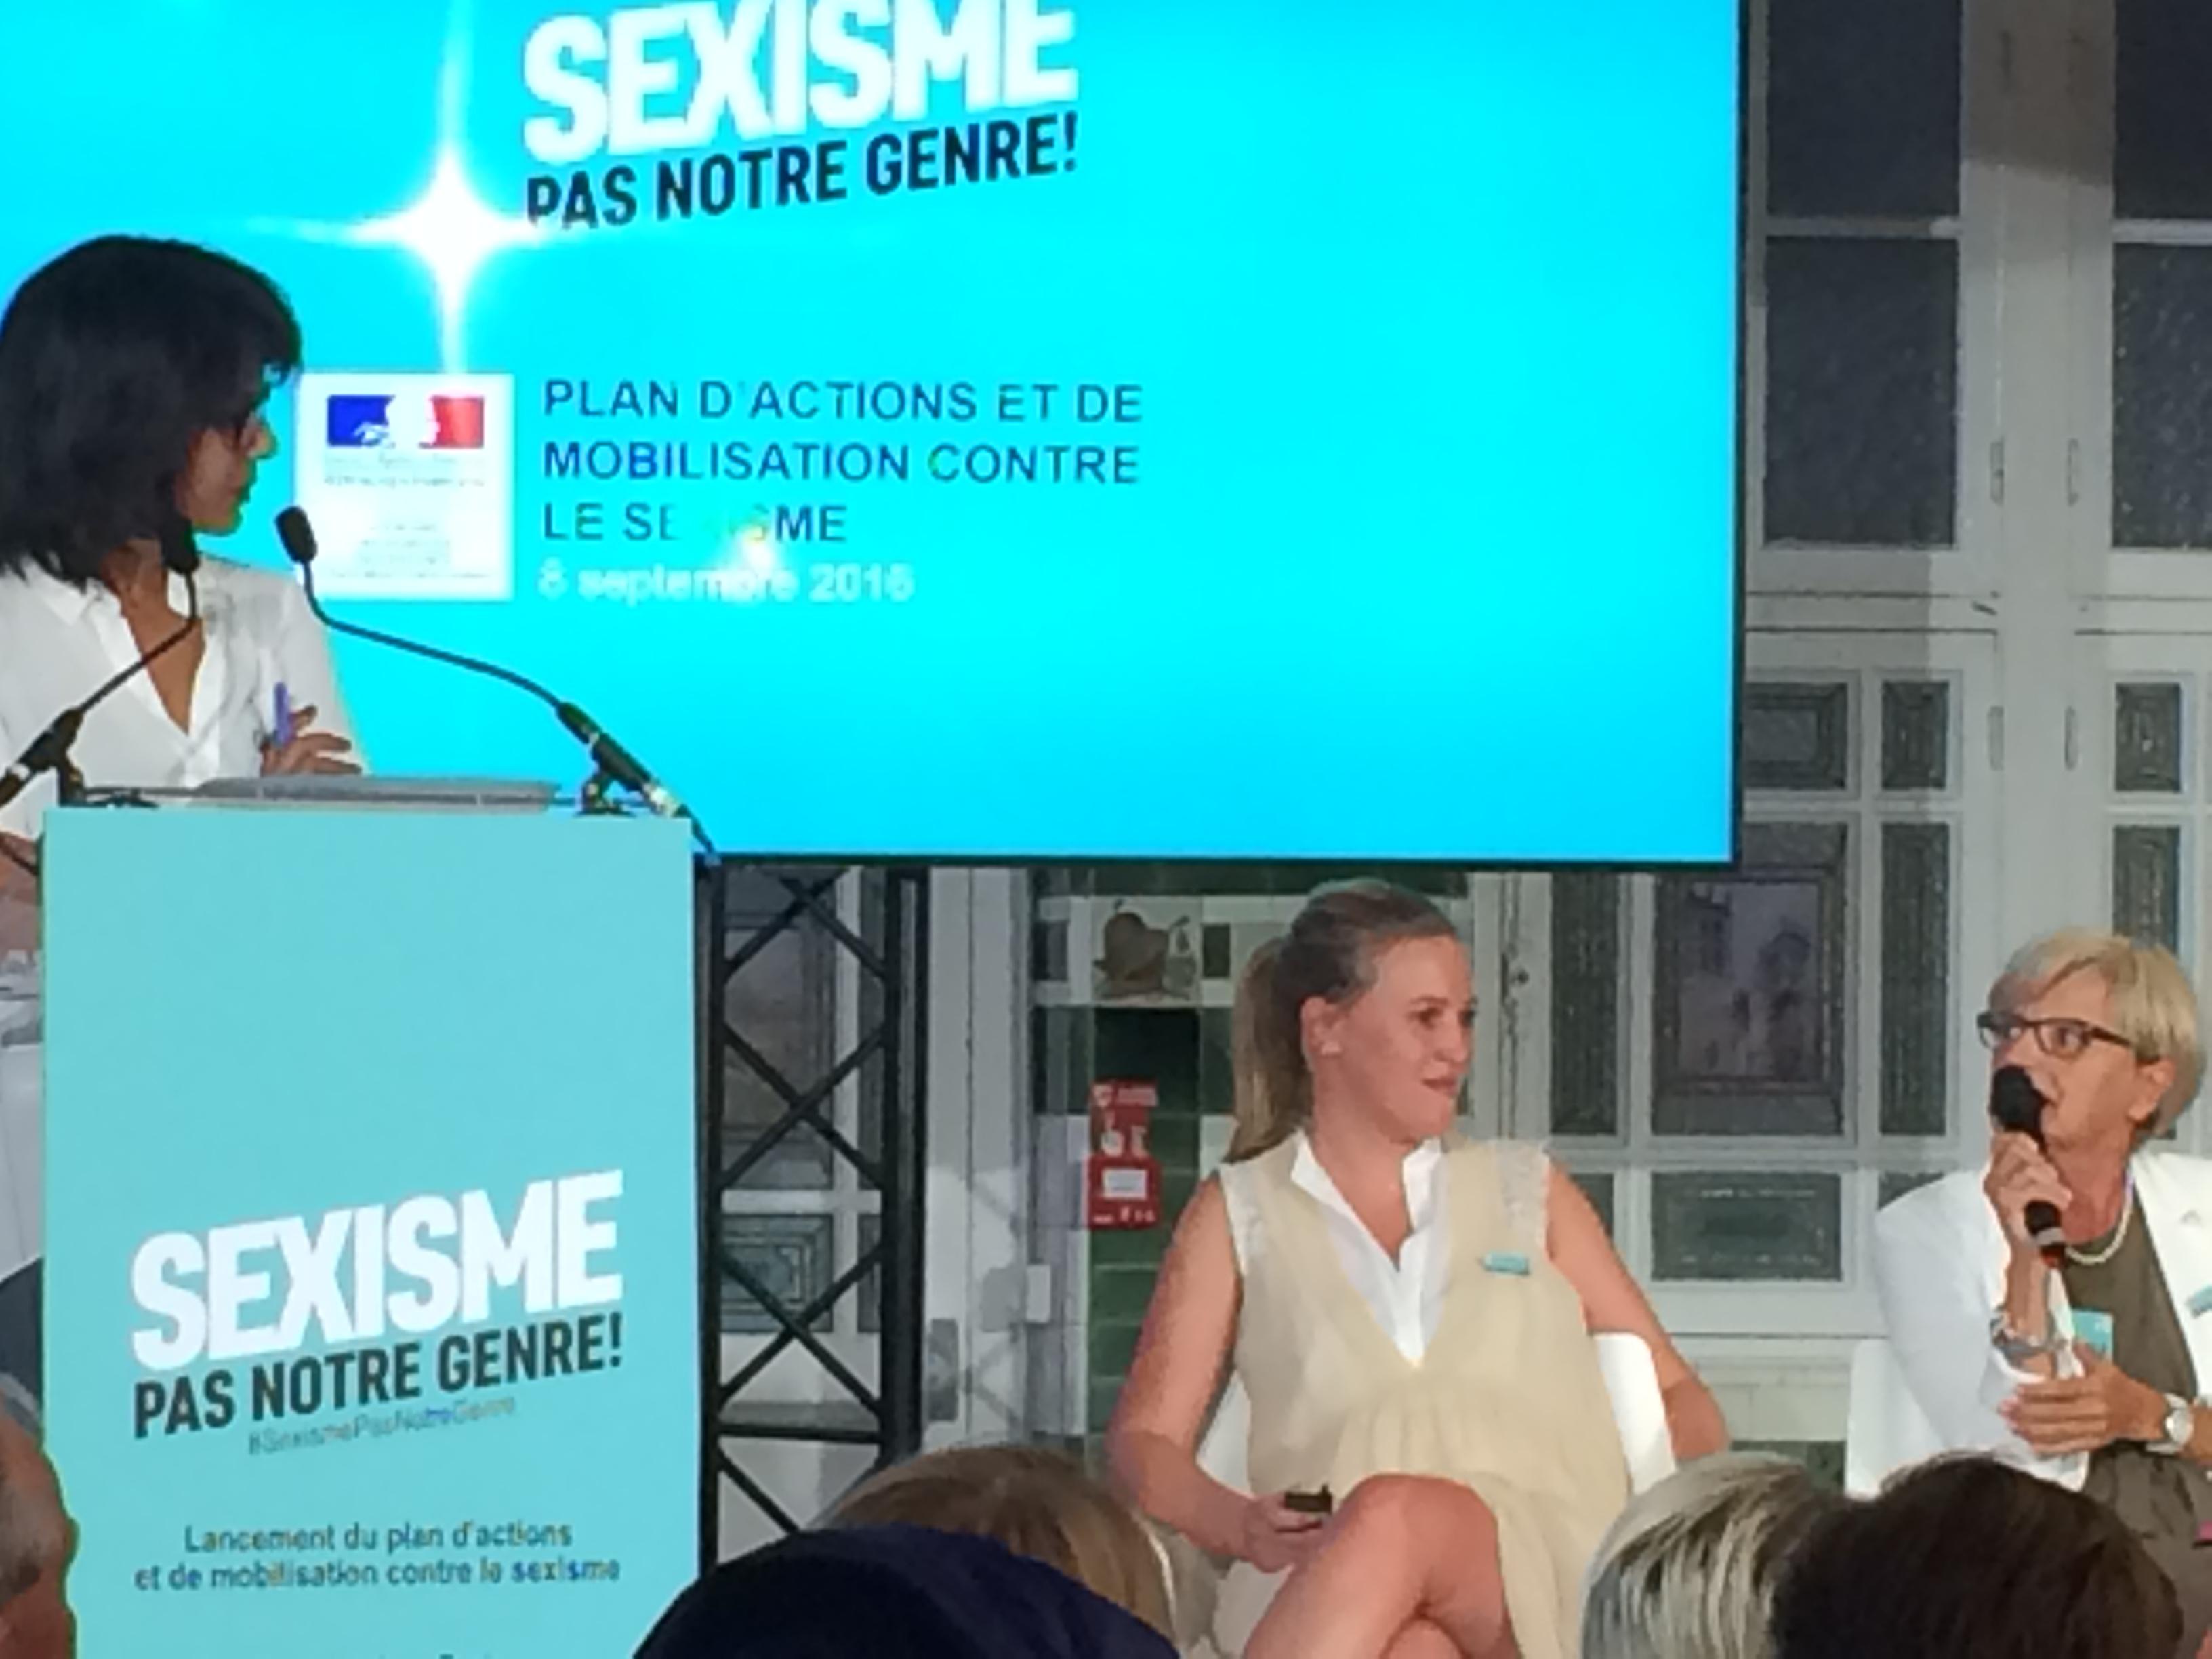 Marie_françoise intervient, interrogée par la journaliste Audrey Pulvar.